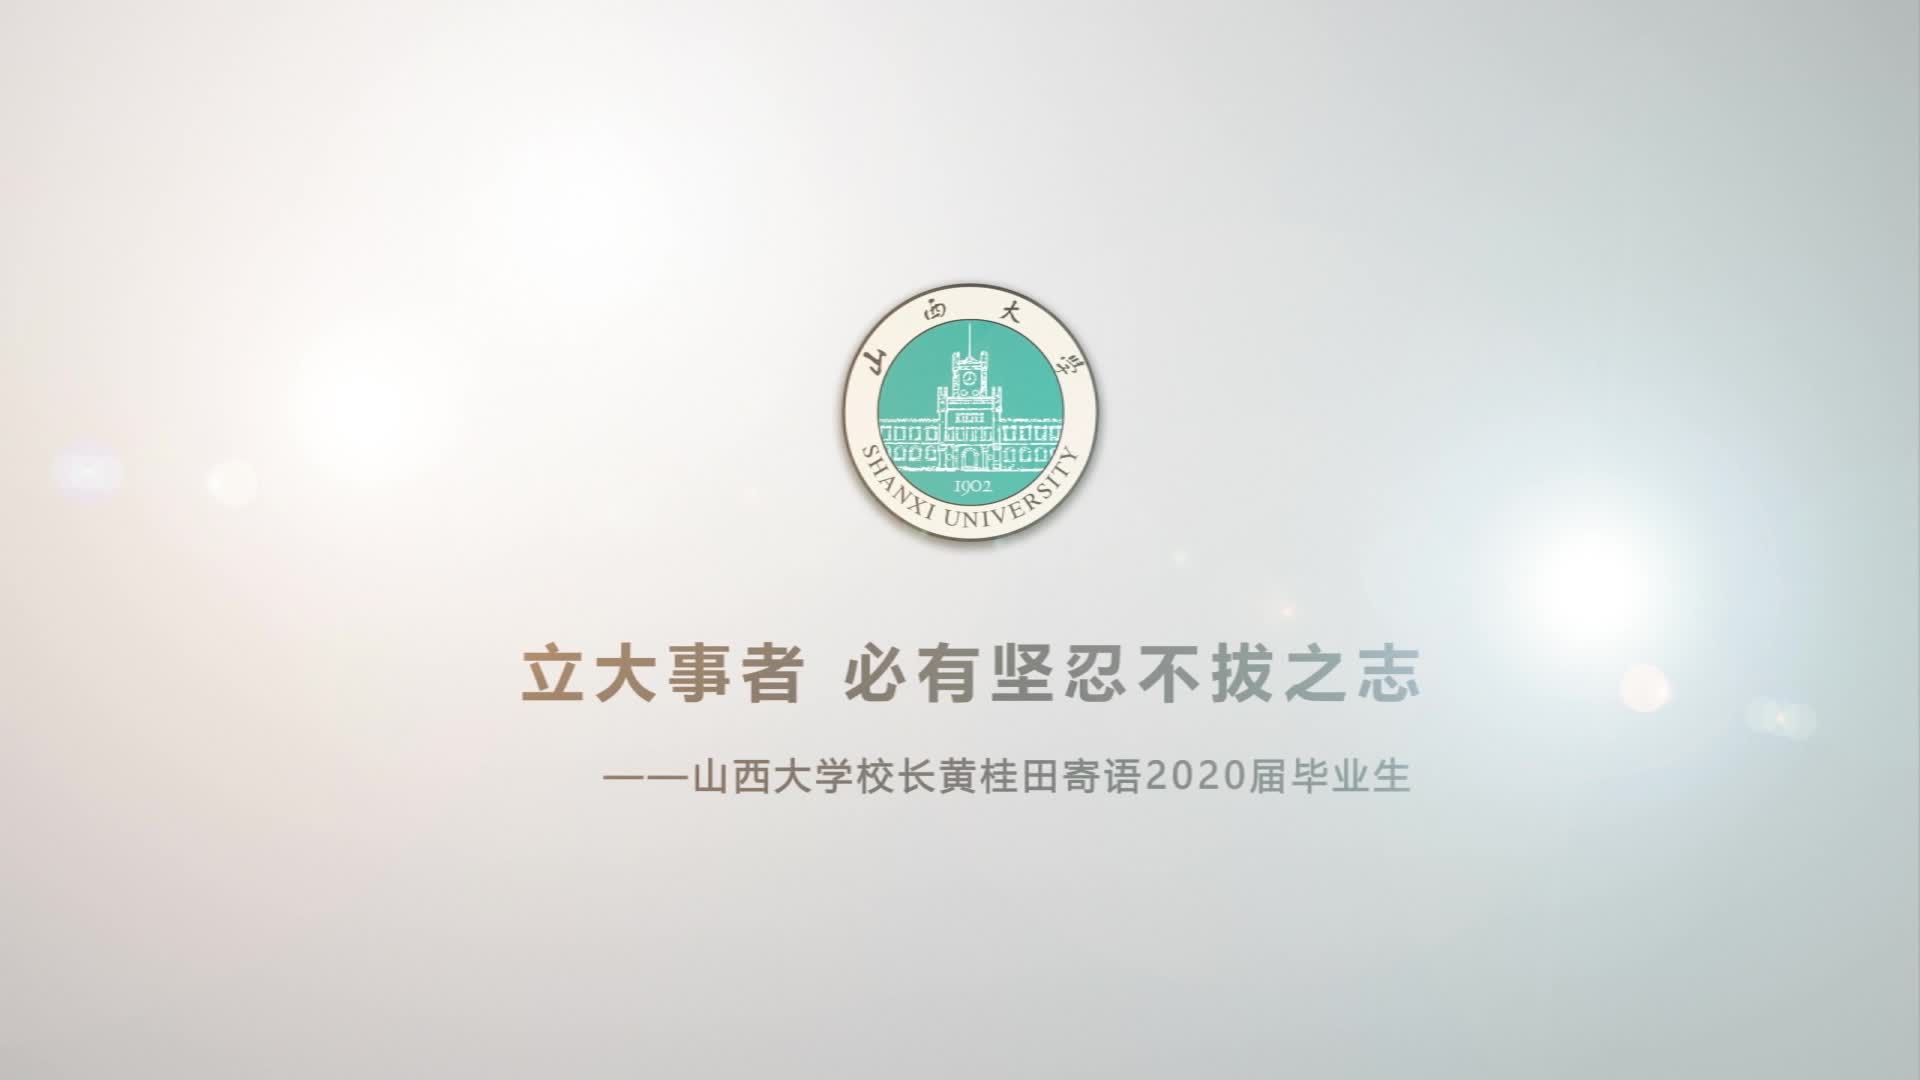 毕业季!山西大学校长黄桂田致辞:立大事者 必有坚忍不拔之志